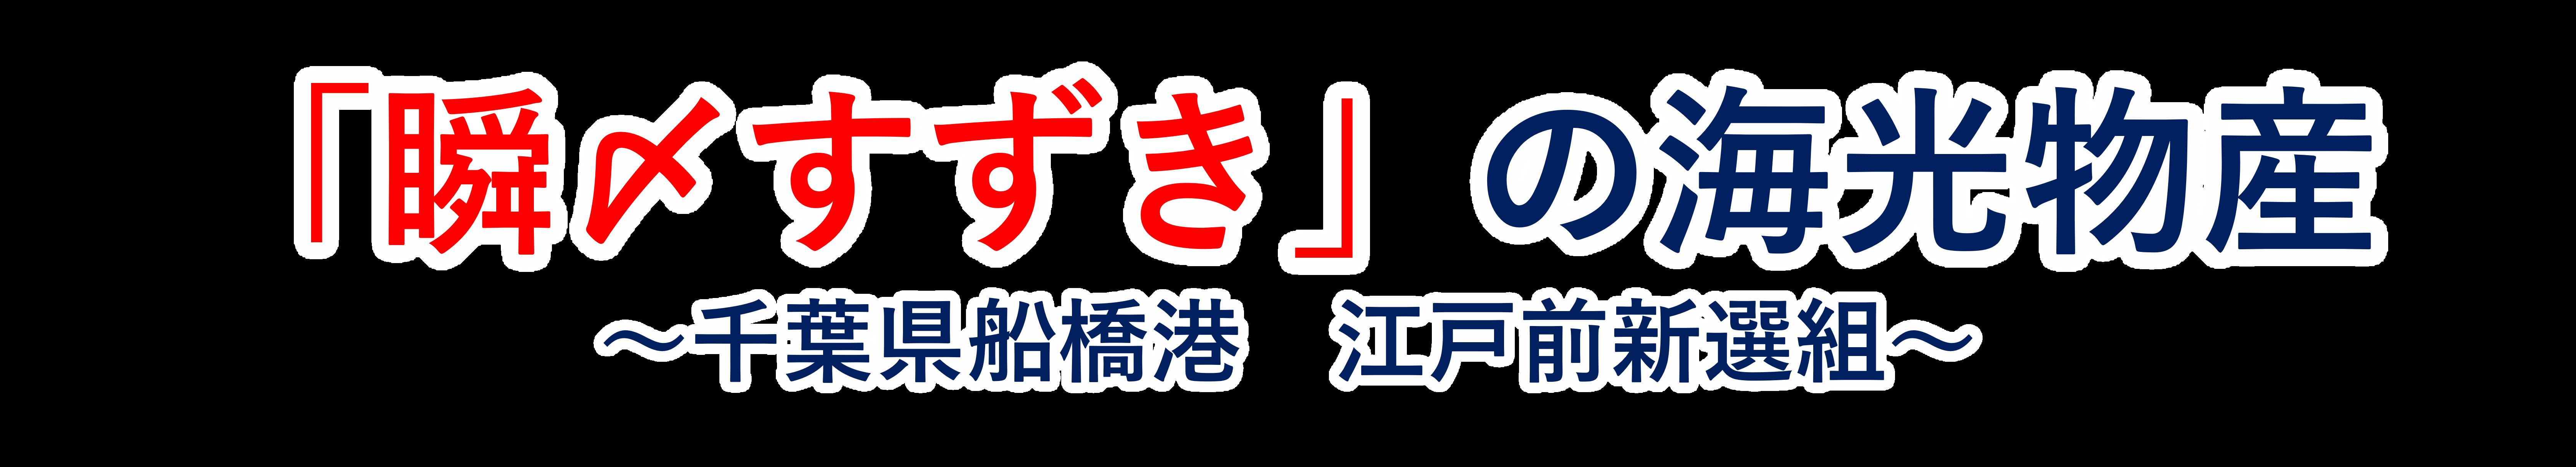 「瞬〆すずき」の海光物産 ~千葉県船橋港 江戸前新鮮組~